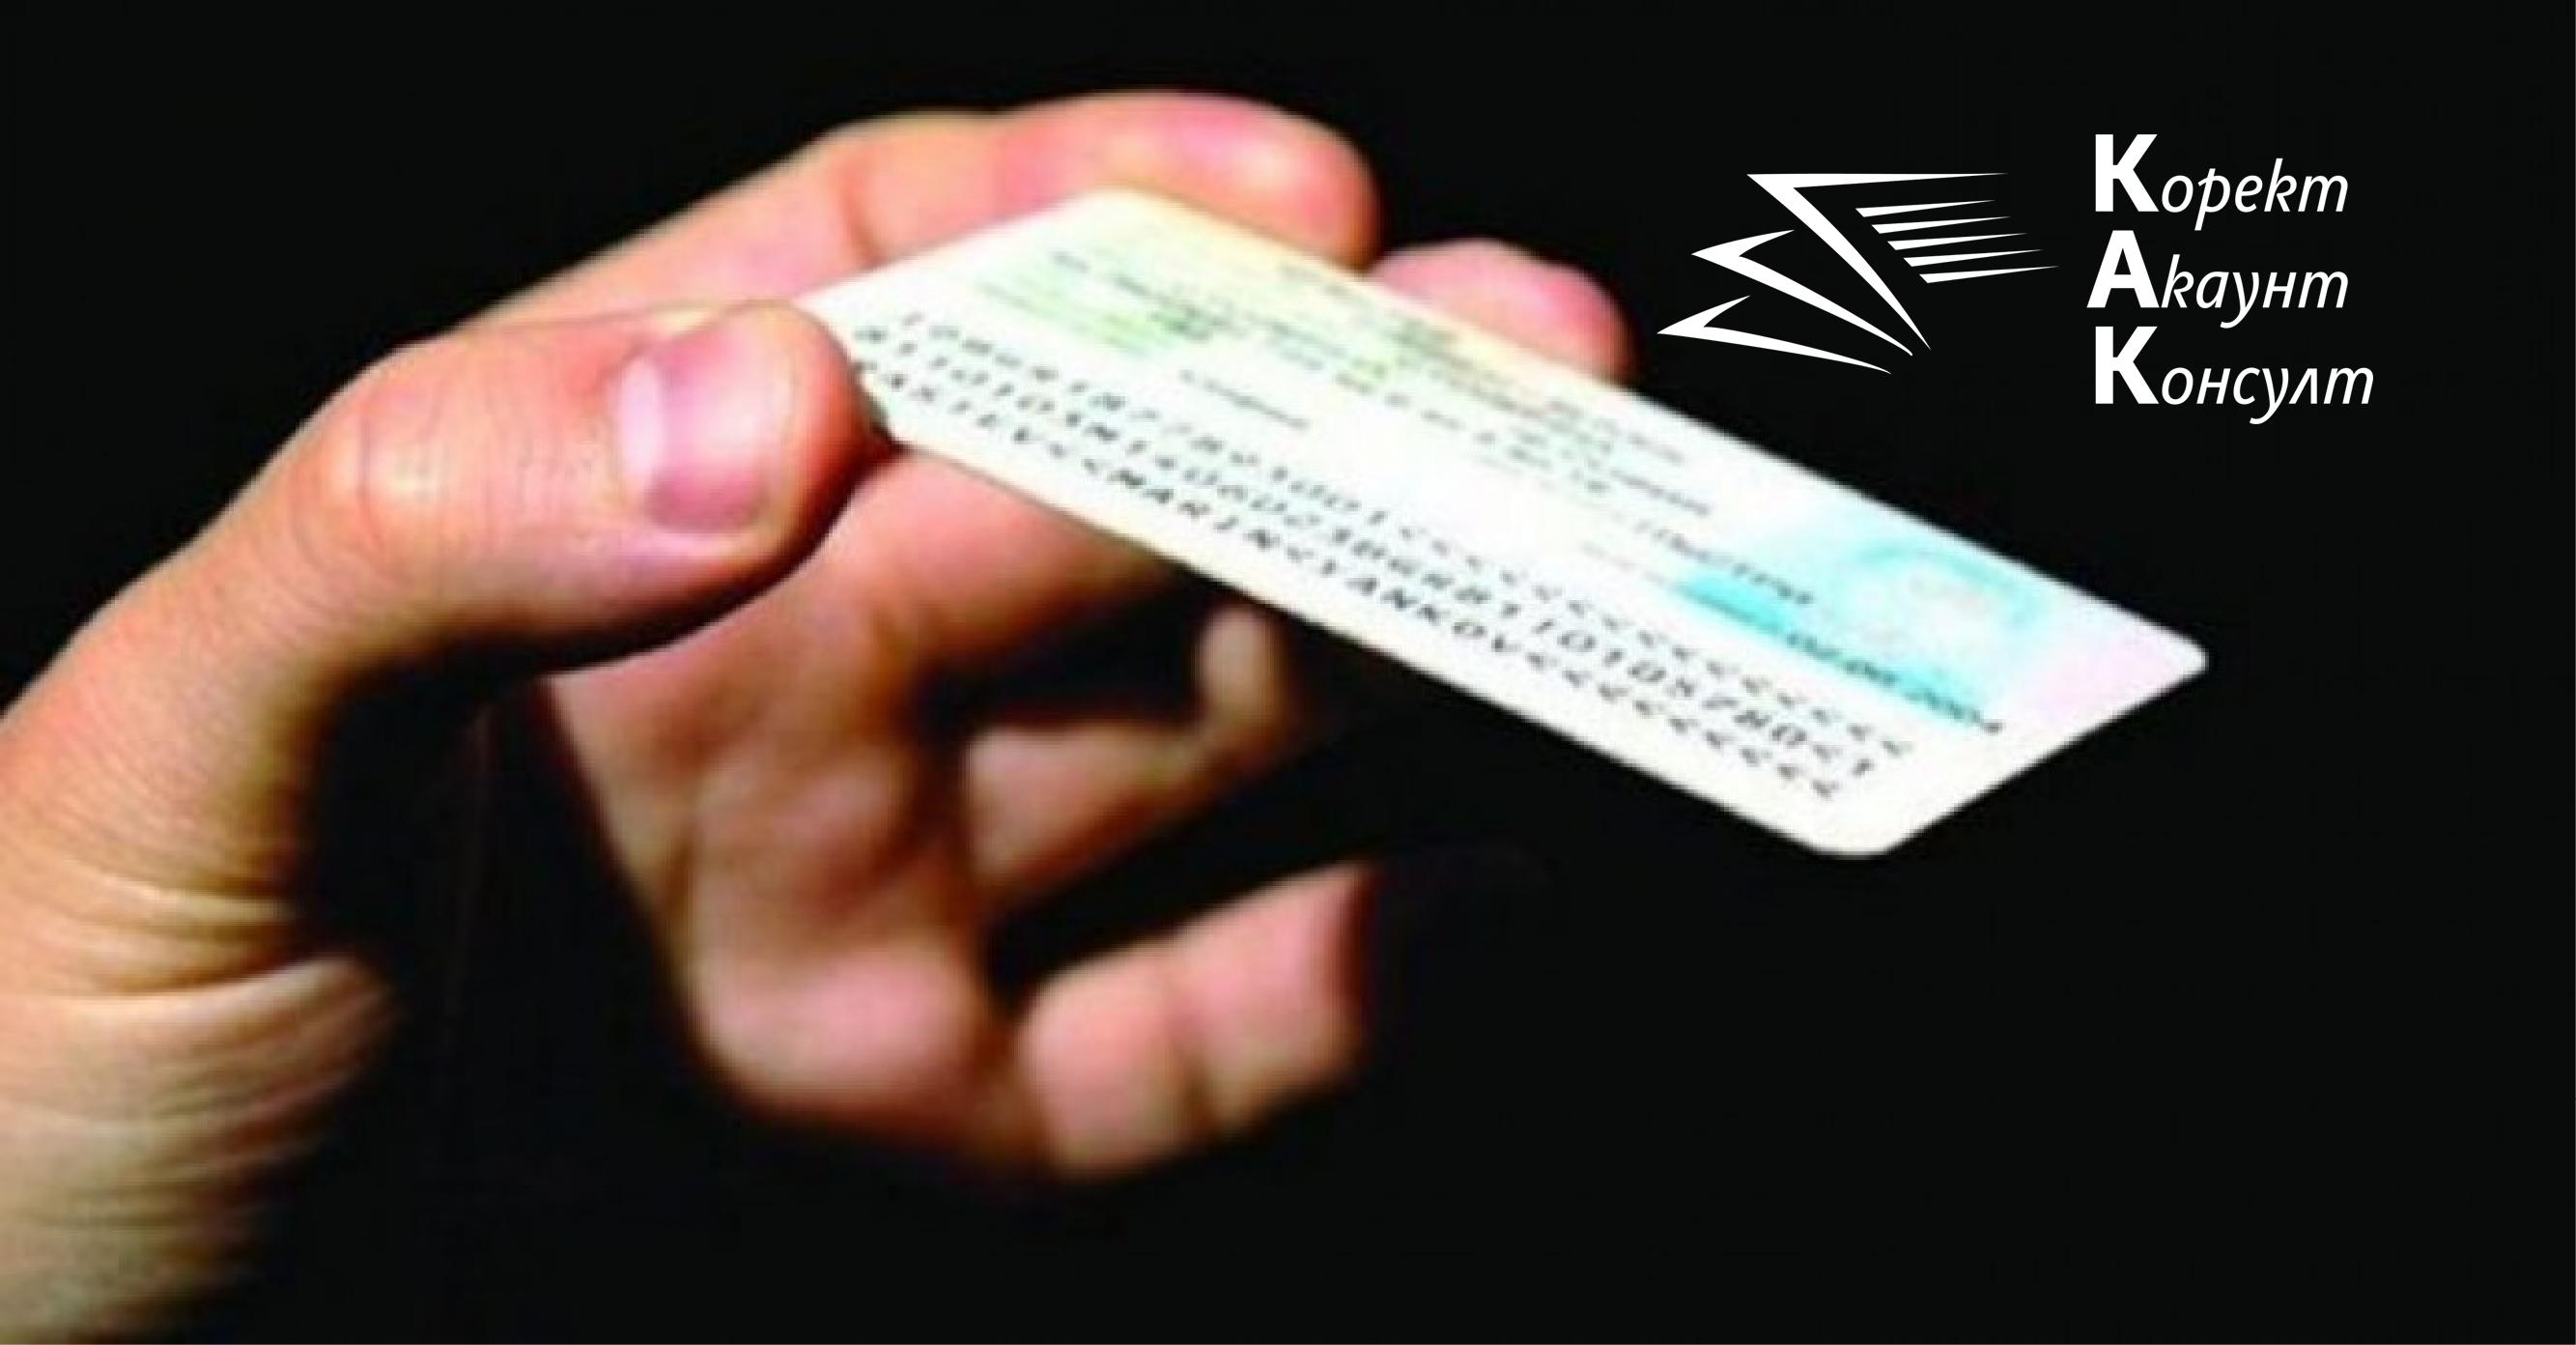 Кога ще трябва да предоставяме ЕГН и лична карта